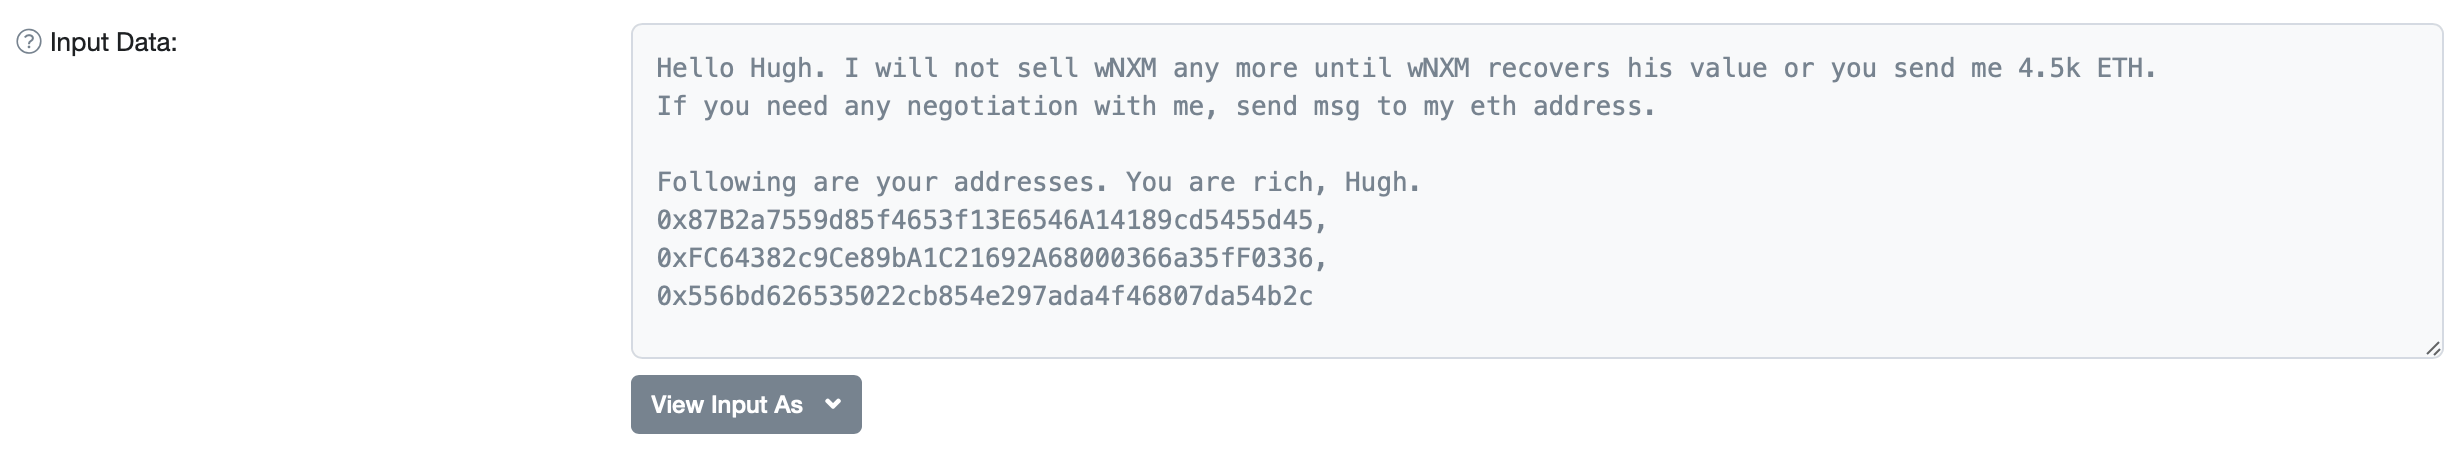 Сообщение хакера NXM